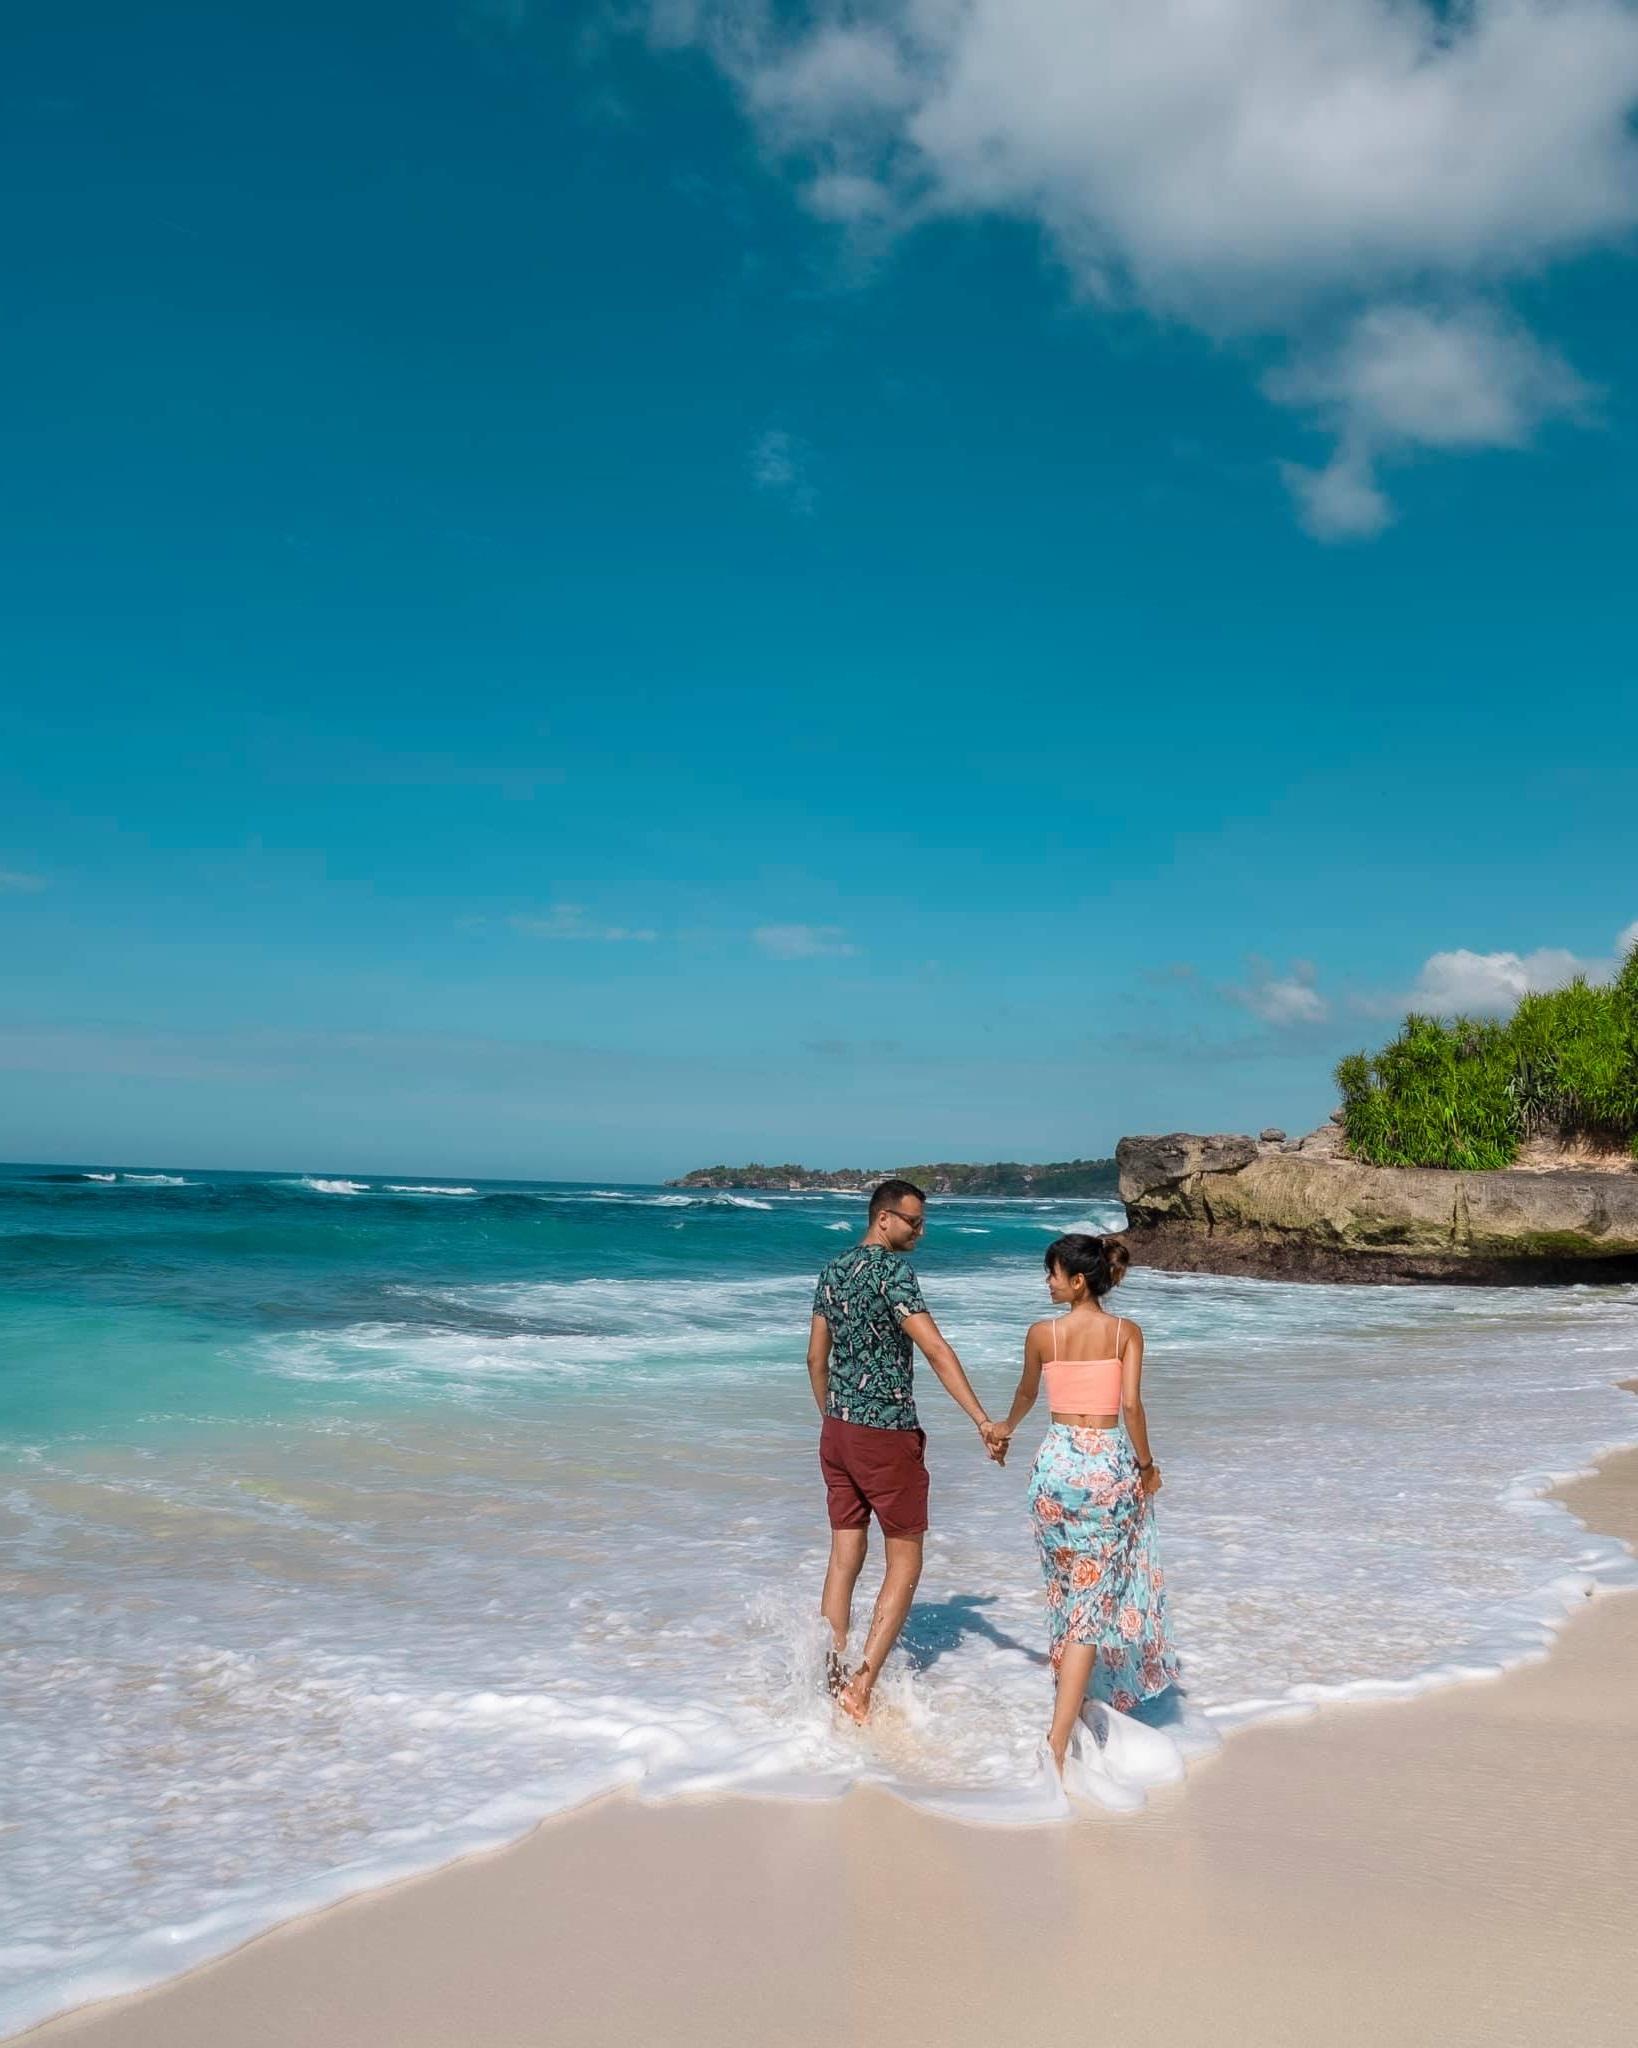 Sang đoàn tụ cùng bạn trai, cô gái đã có 9 tháng khám phá Bali